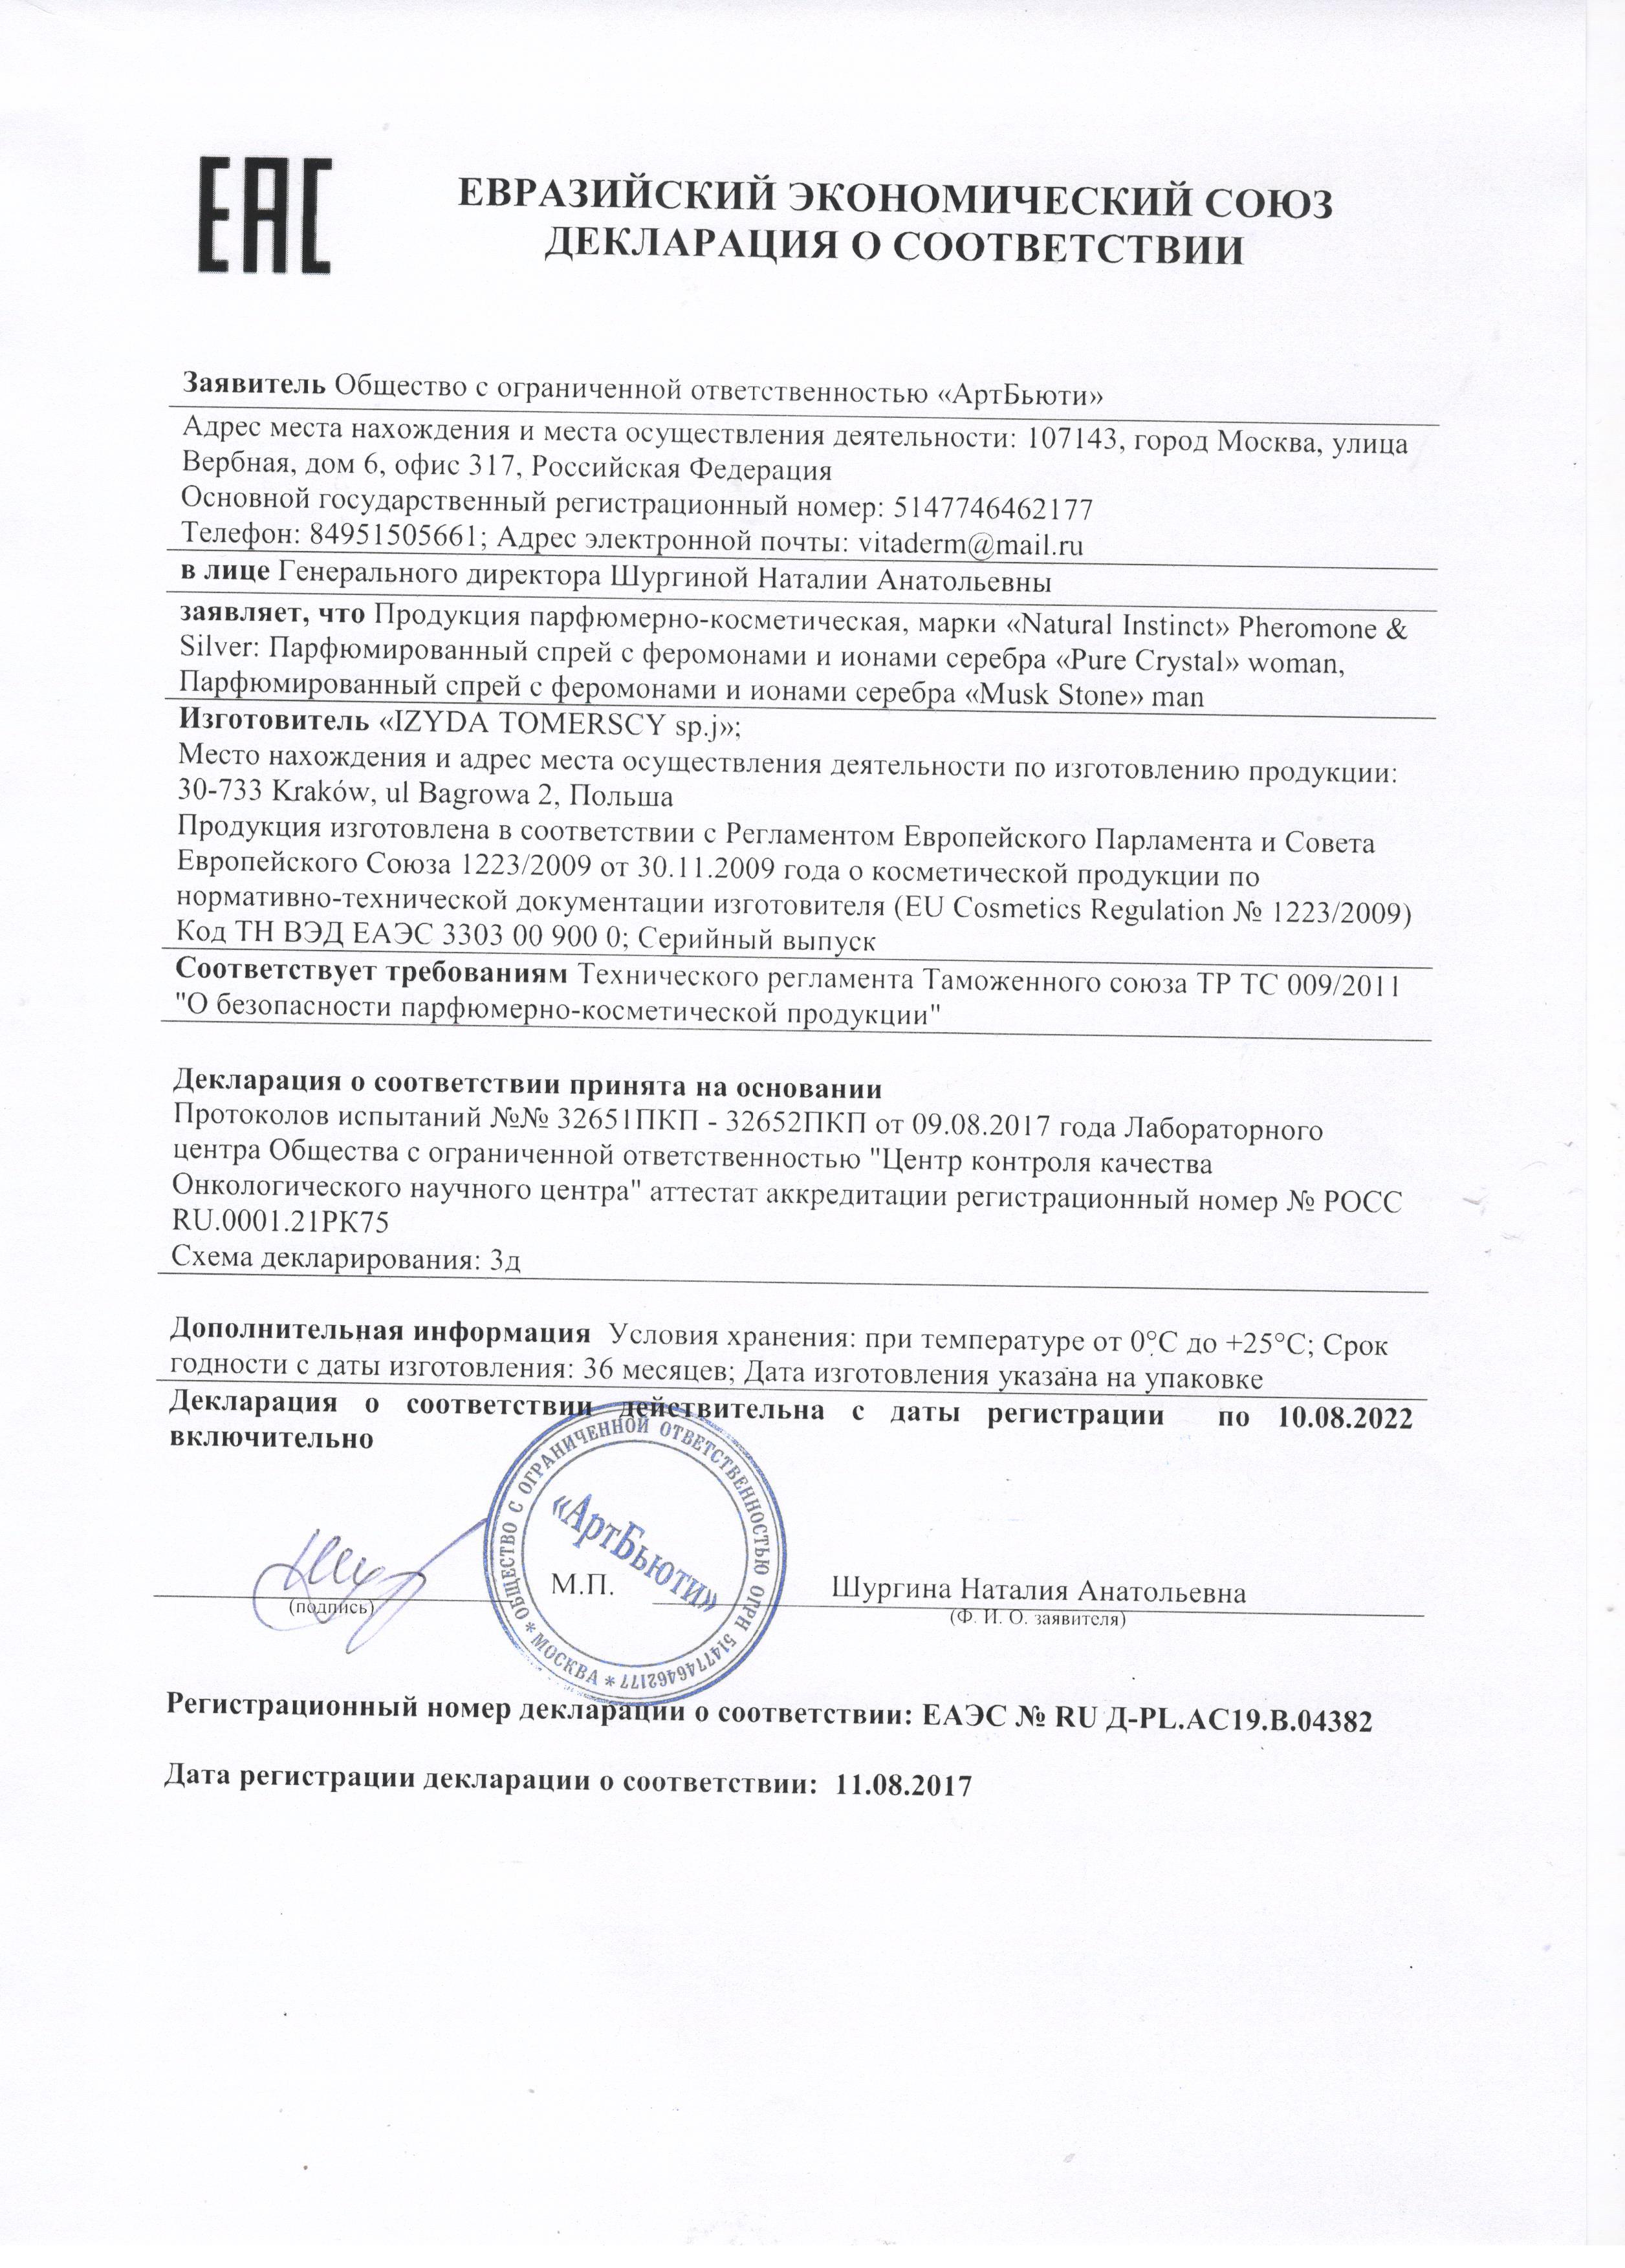 Декларация-сертификат на спреи с феромонами и ионами серебра для нижнего белья